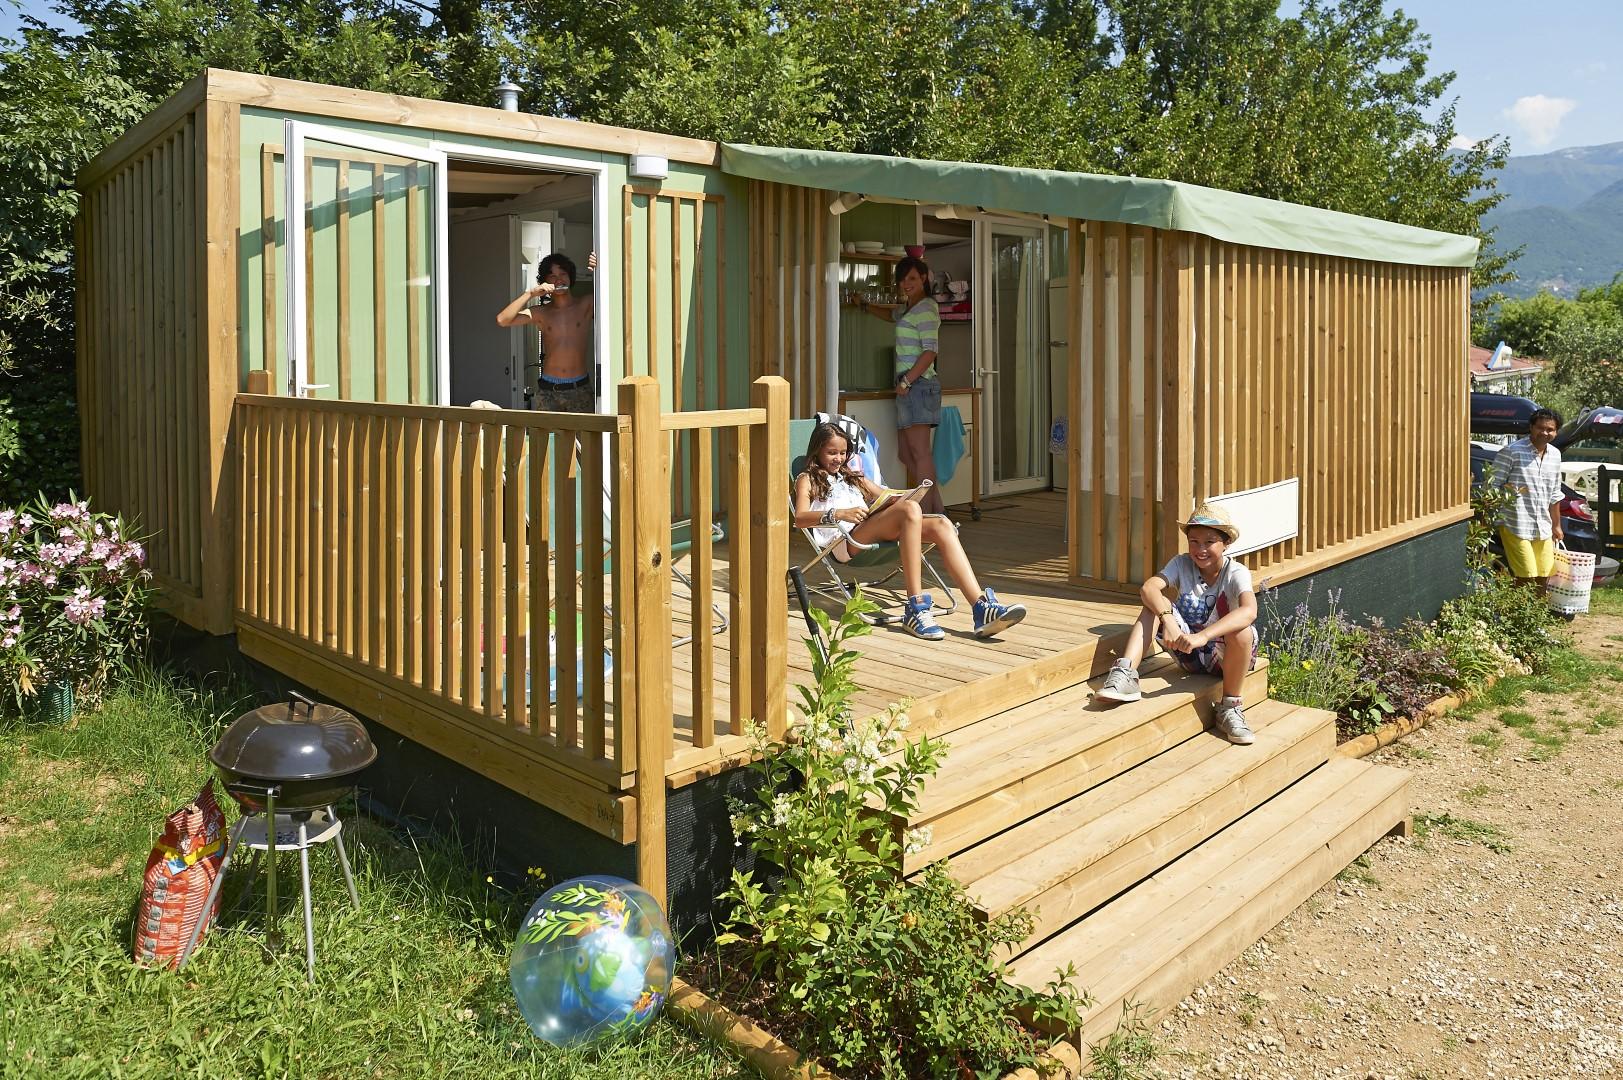 Stoere Bohemien Bungalow : Stacaravan vakantie kids vakantiegids